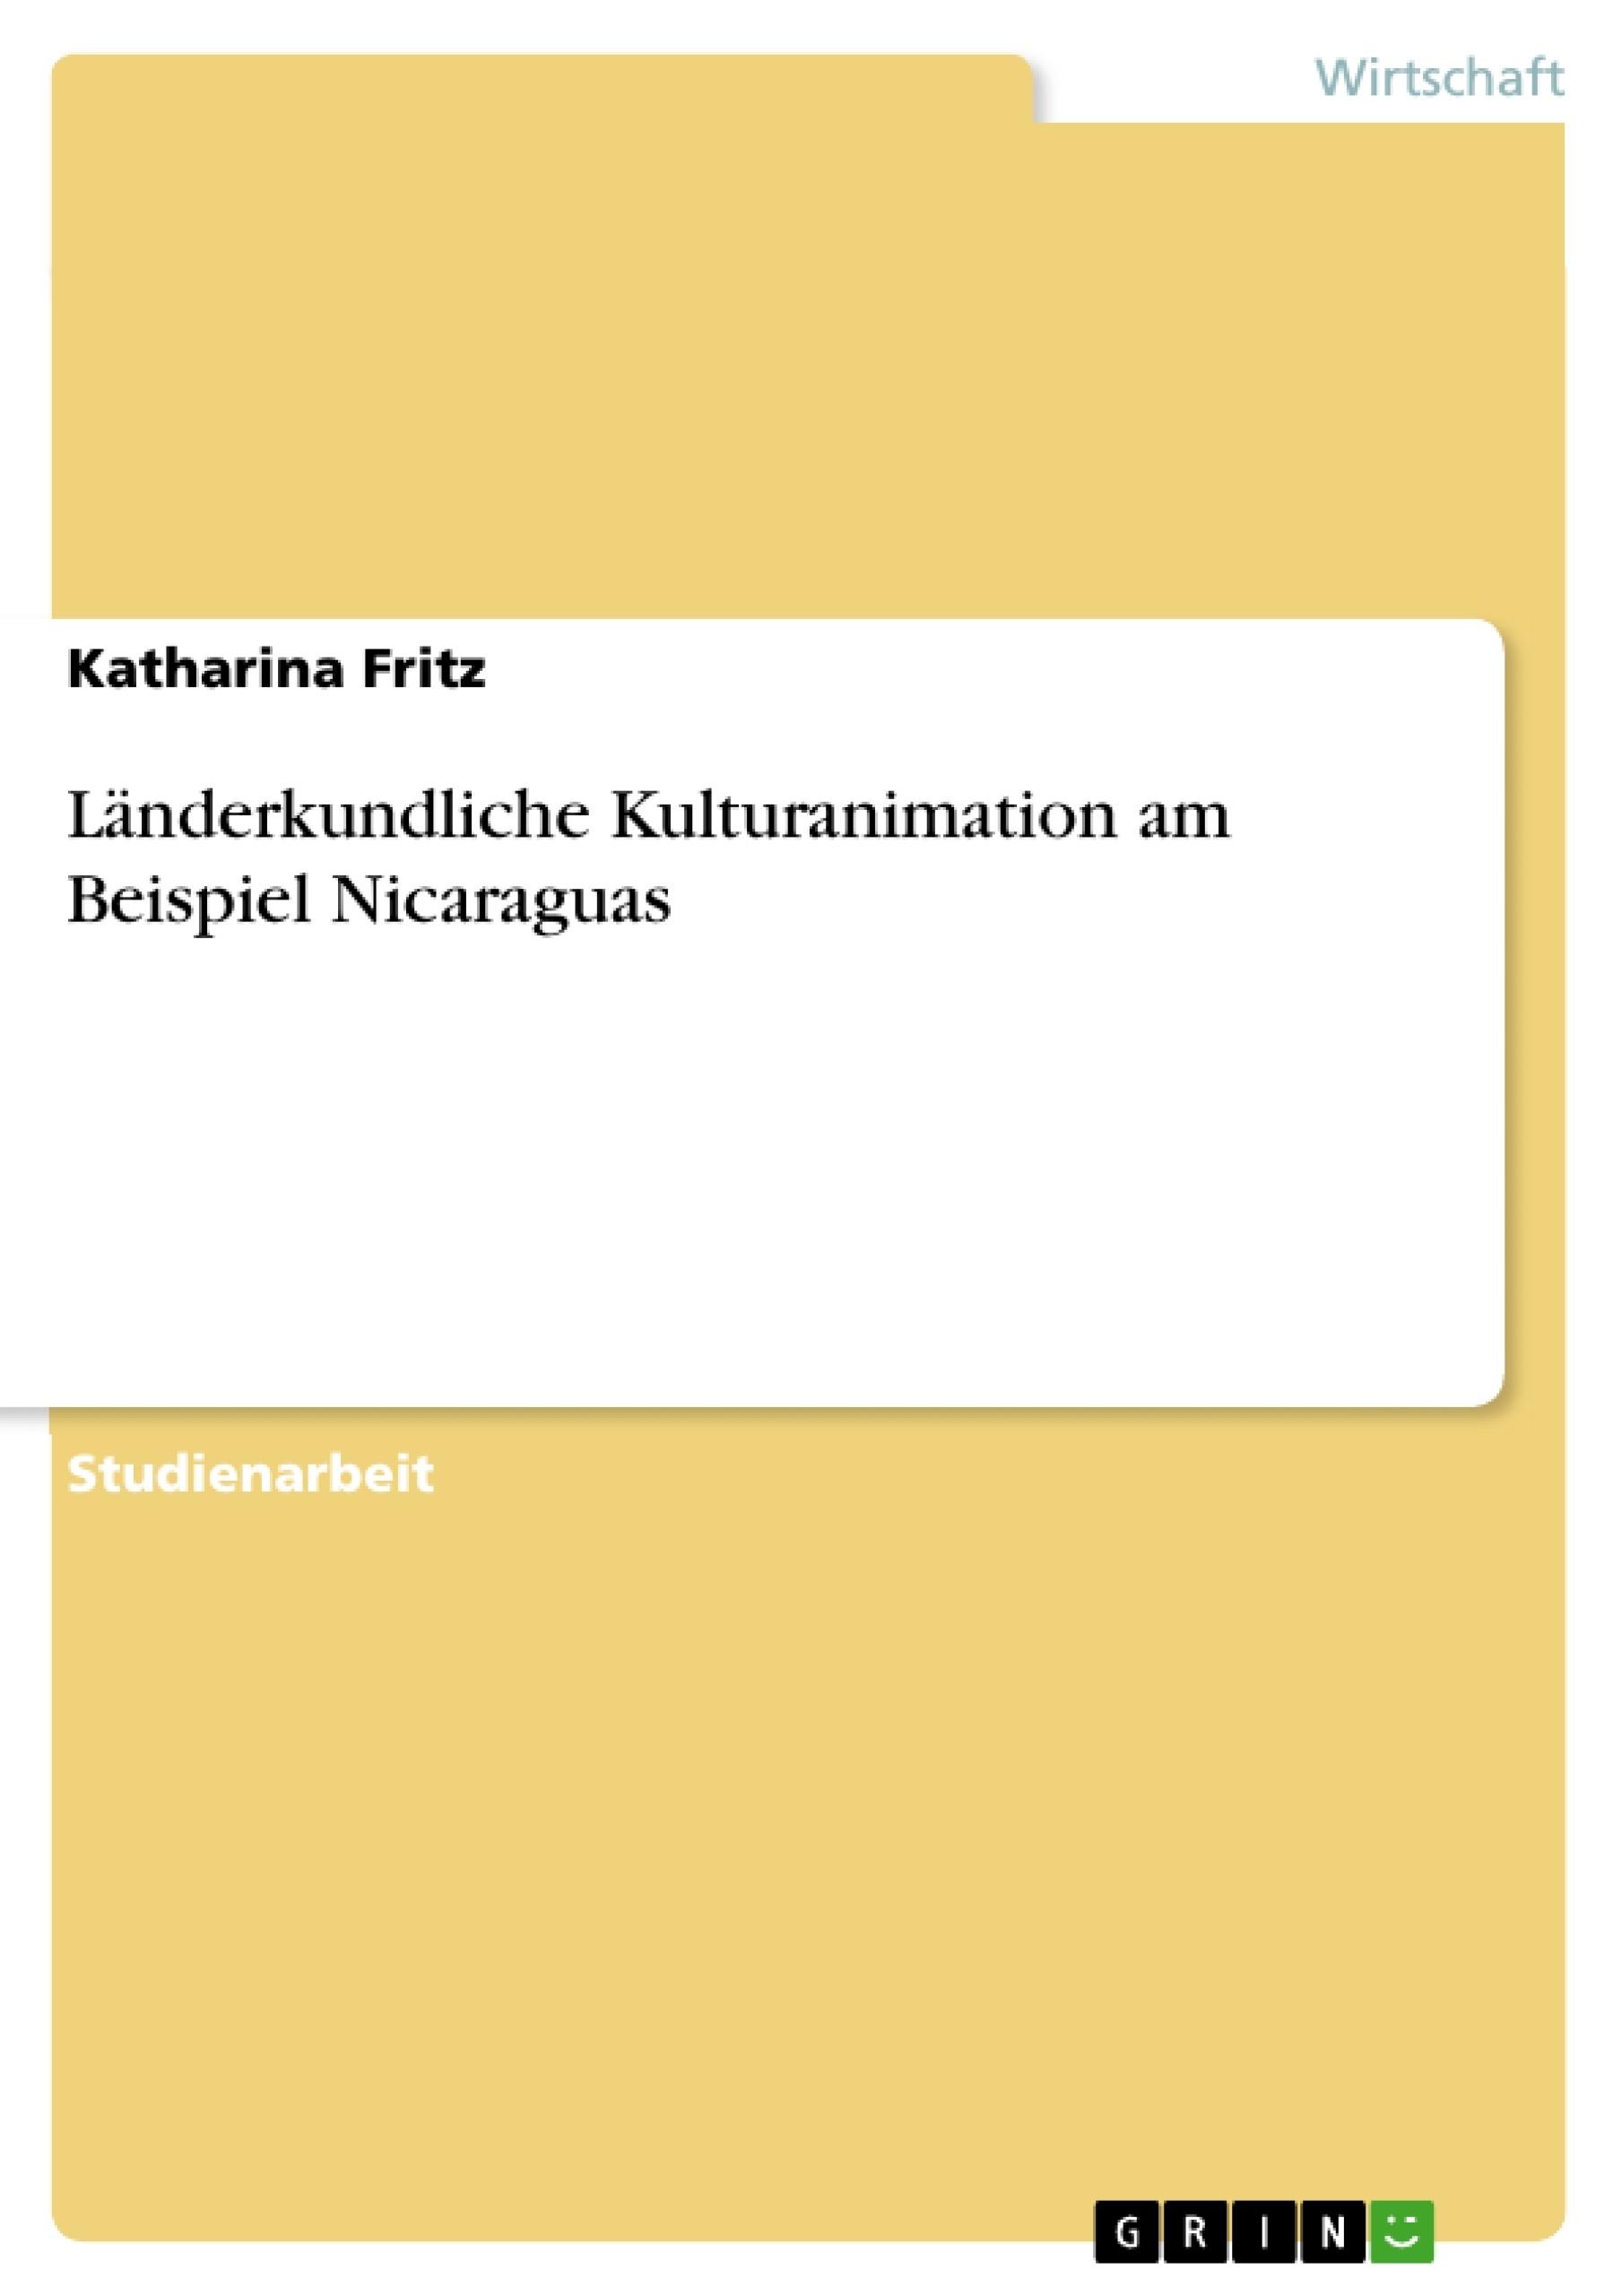 Titel: Länderkundliche Kulturanimation am Beispiel Nicaraguas